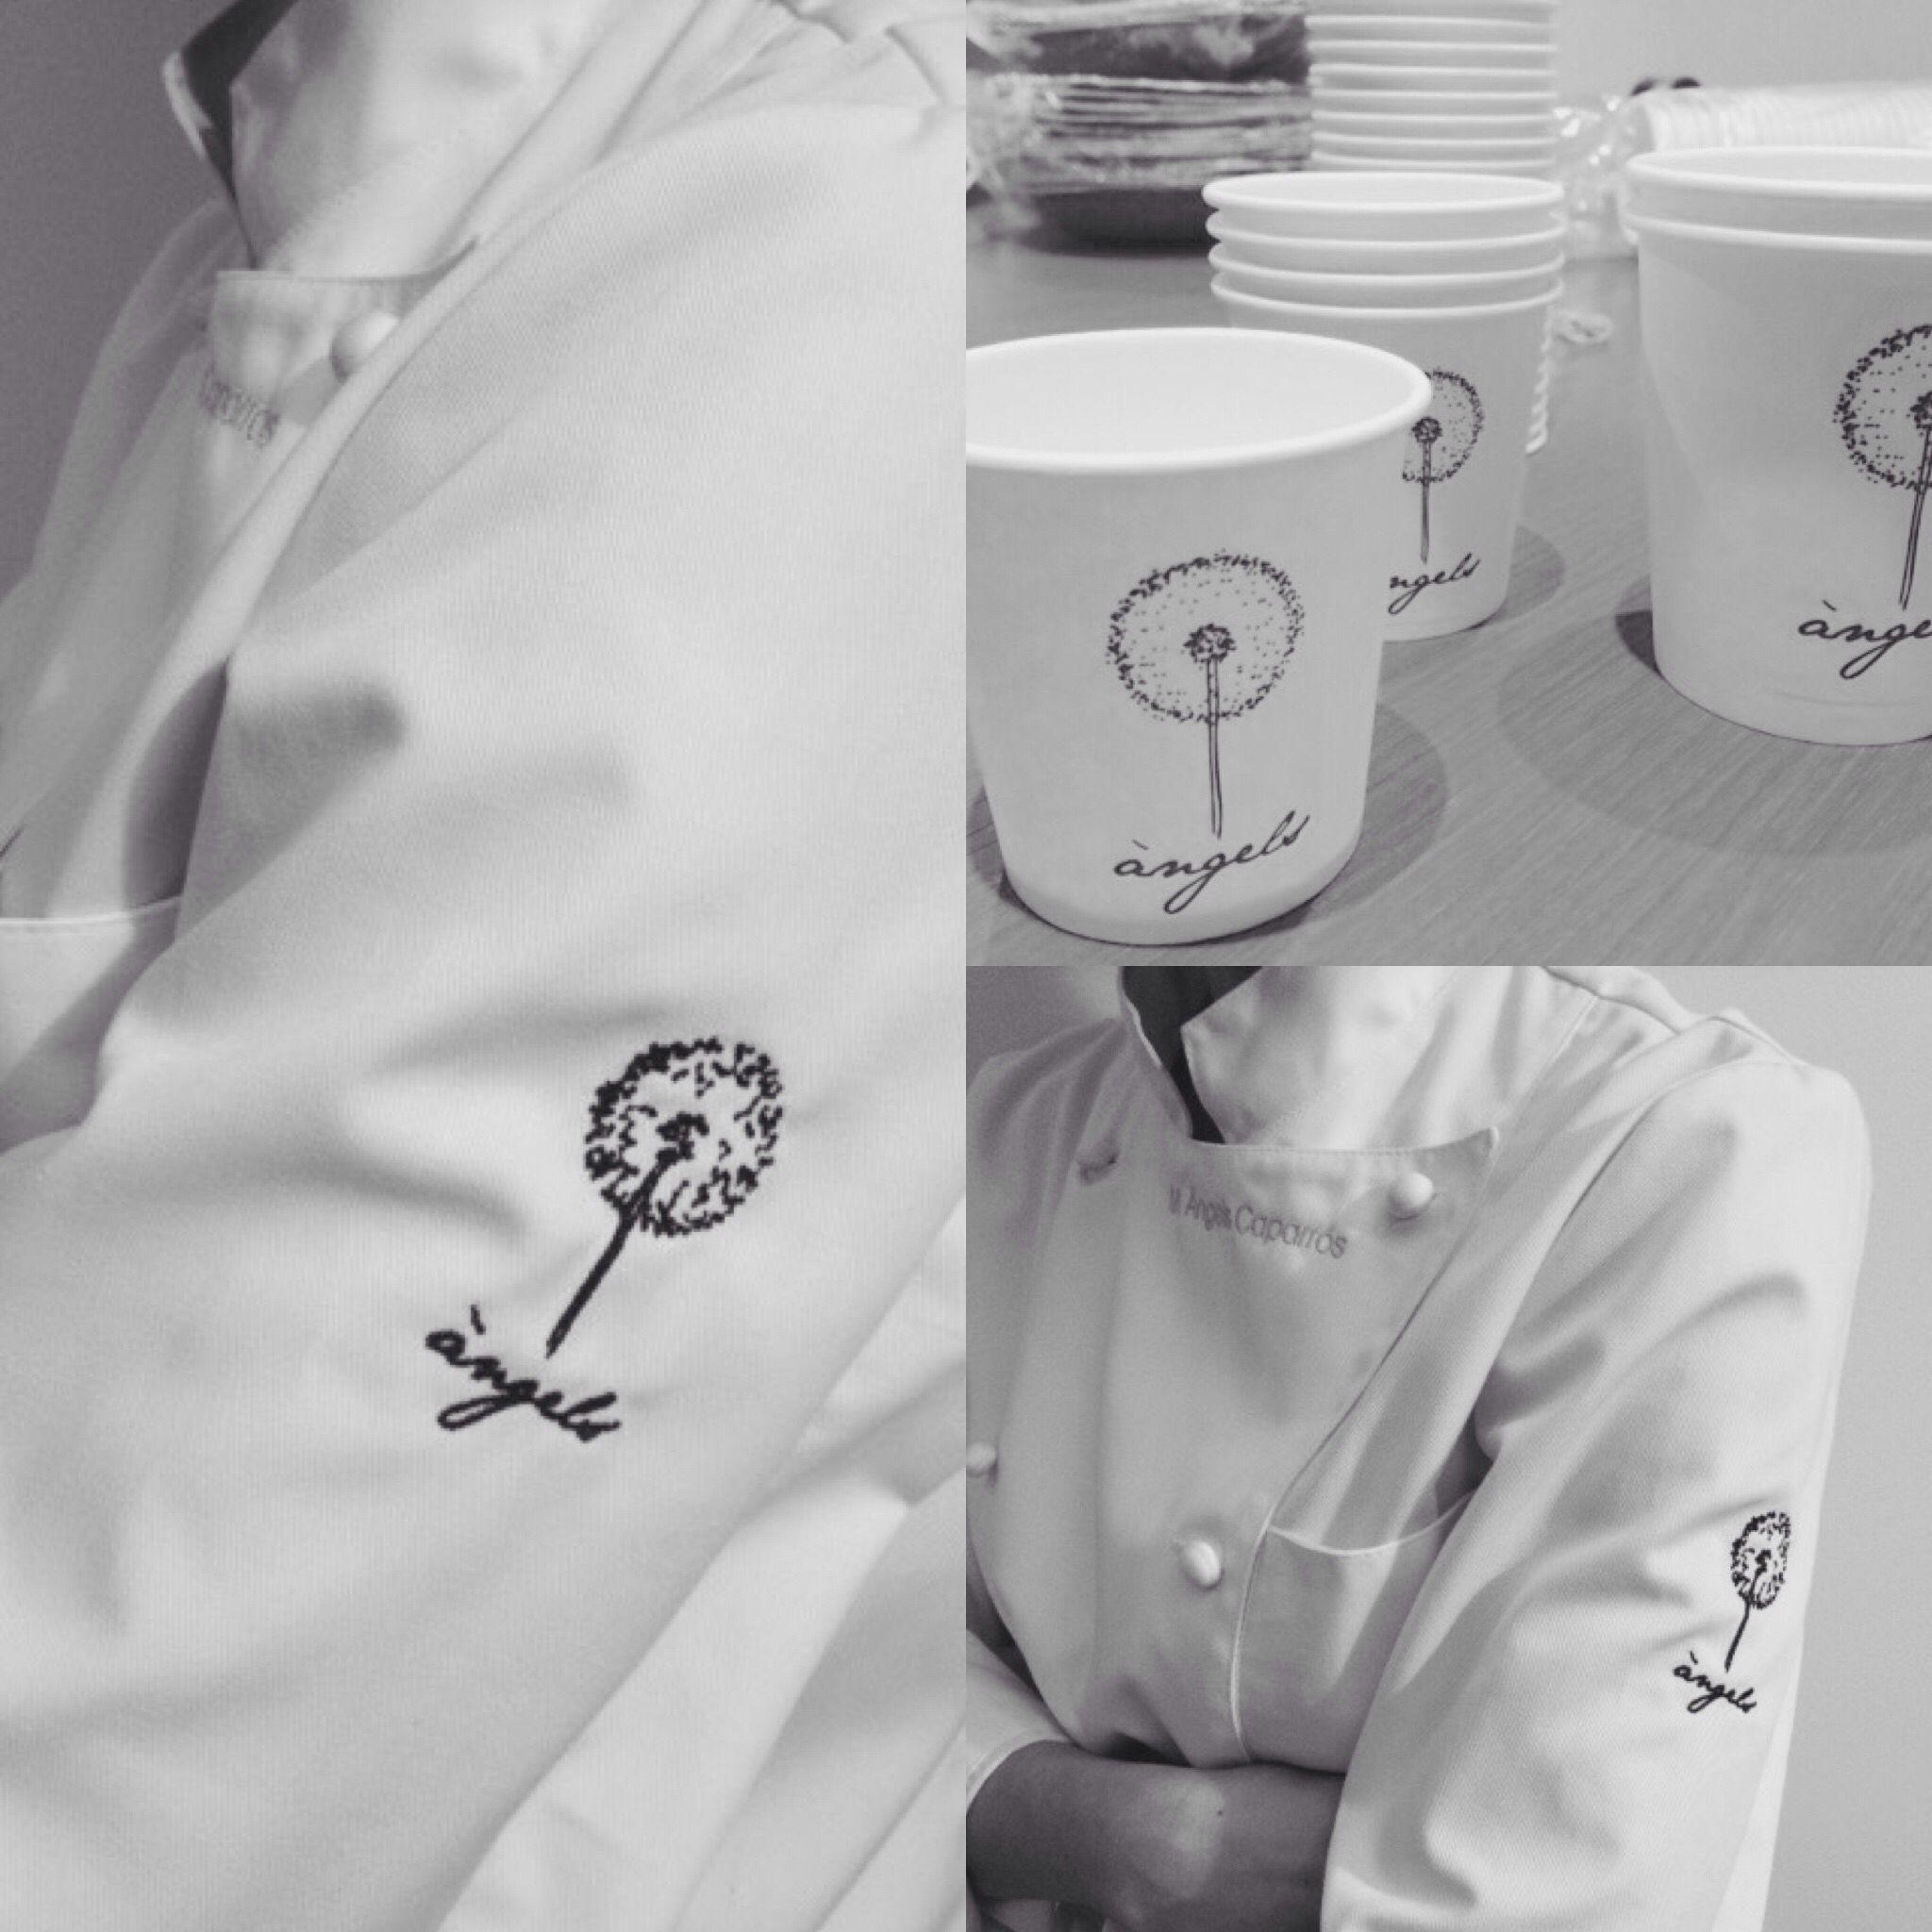 Nuevas chaquetillas y vasos personalizados